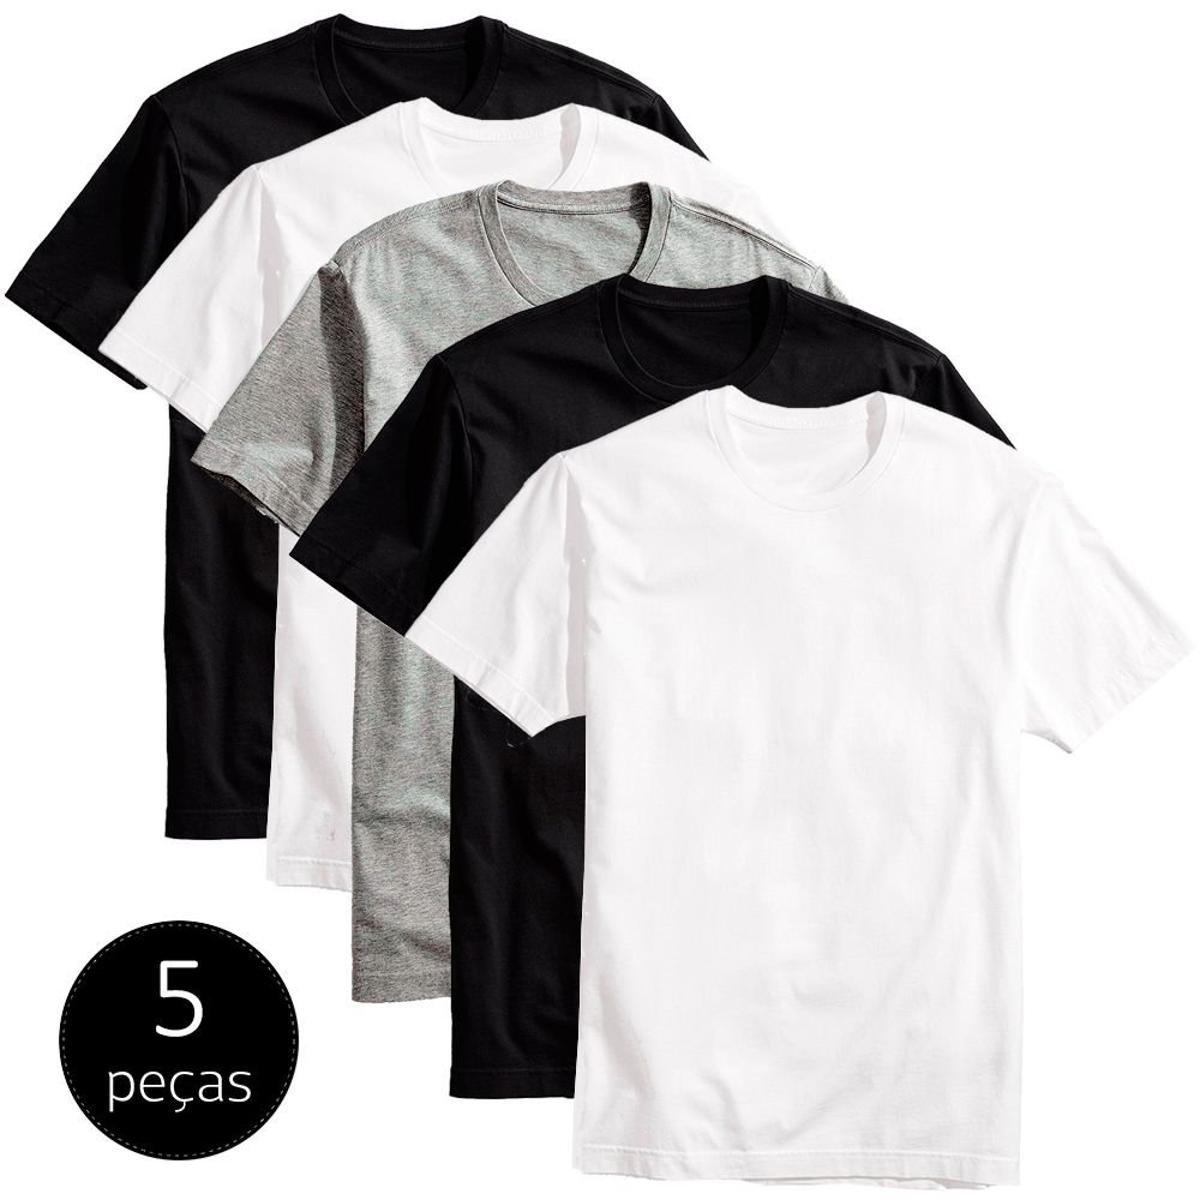 Kit 5 Camisetas Básicas Masculina T-Shirt Algodão Colors Tee - Preto e  Branco - Compre Agora  d369d4a5efe